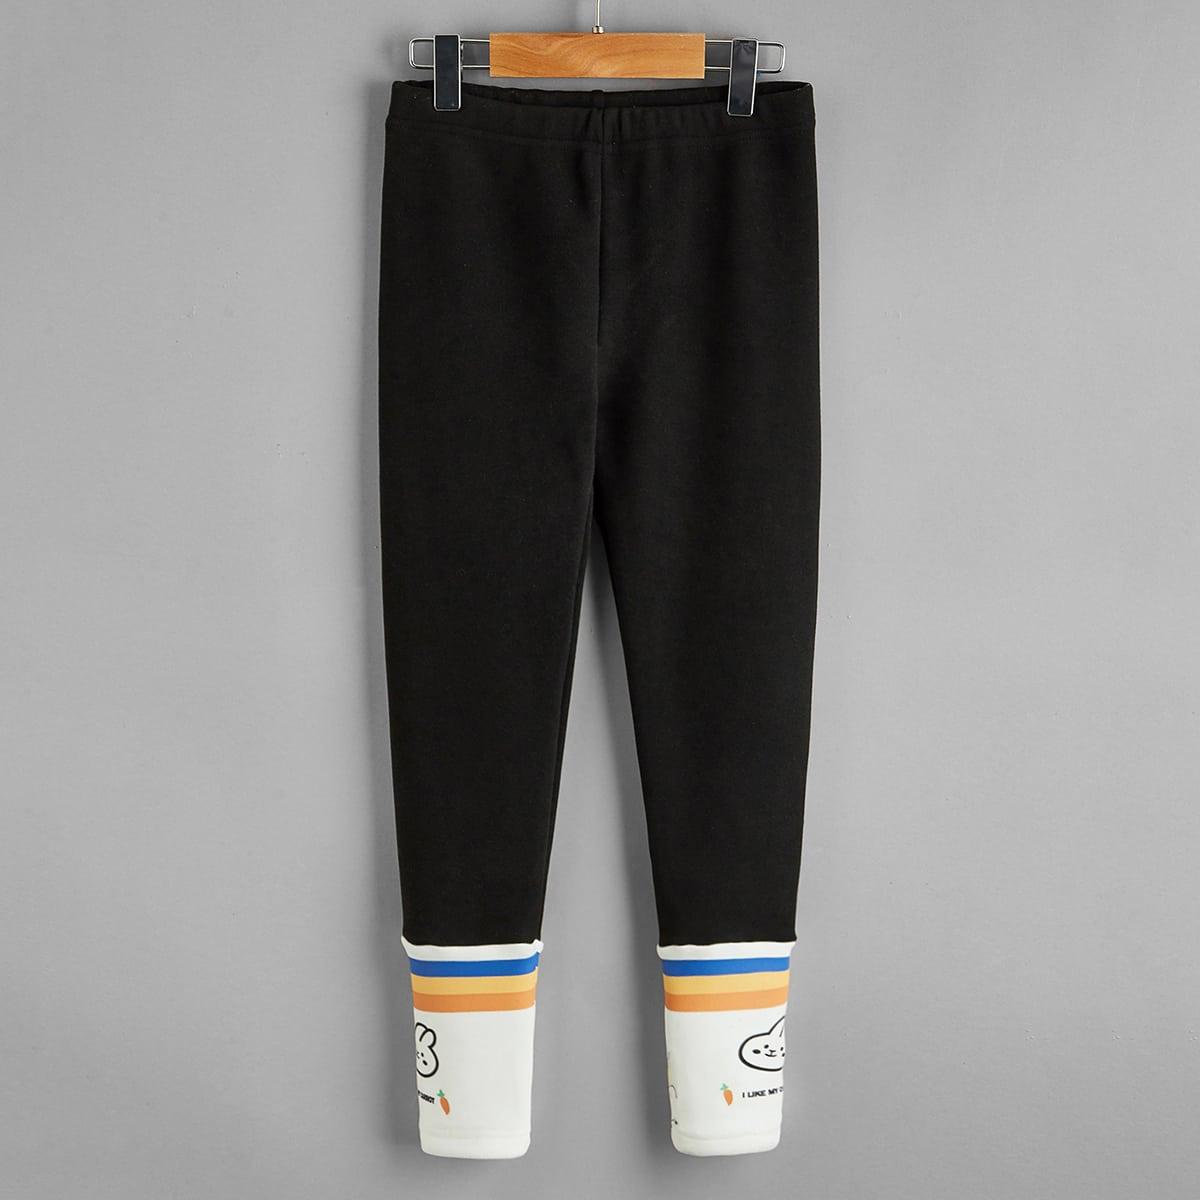 Полосатый повседневный брюки для девочек